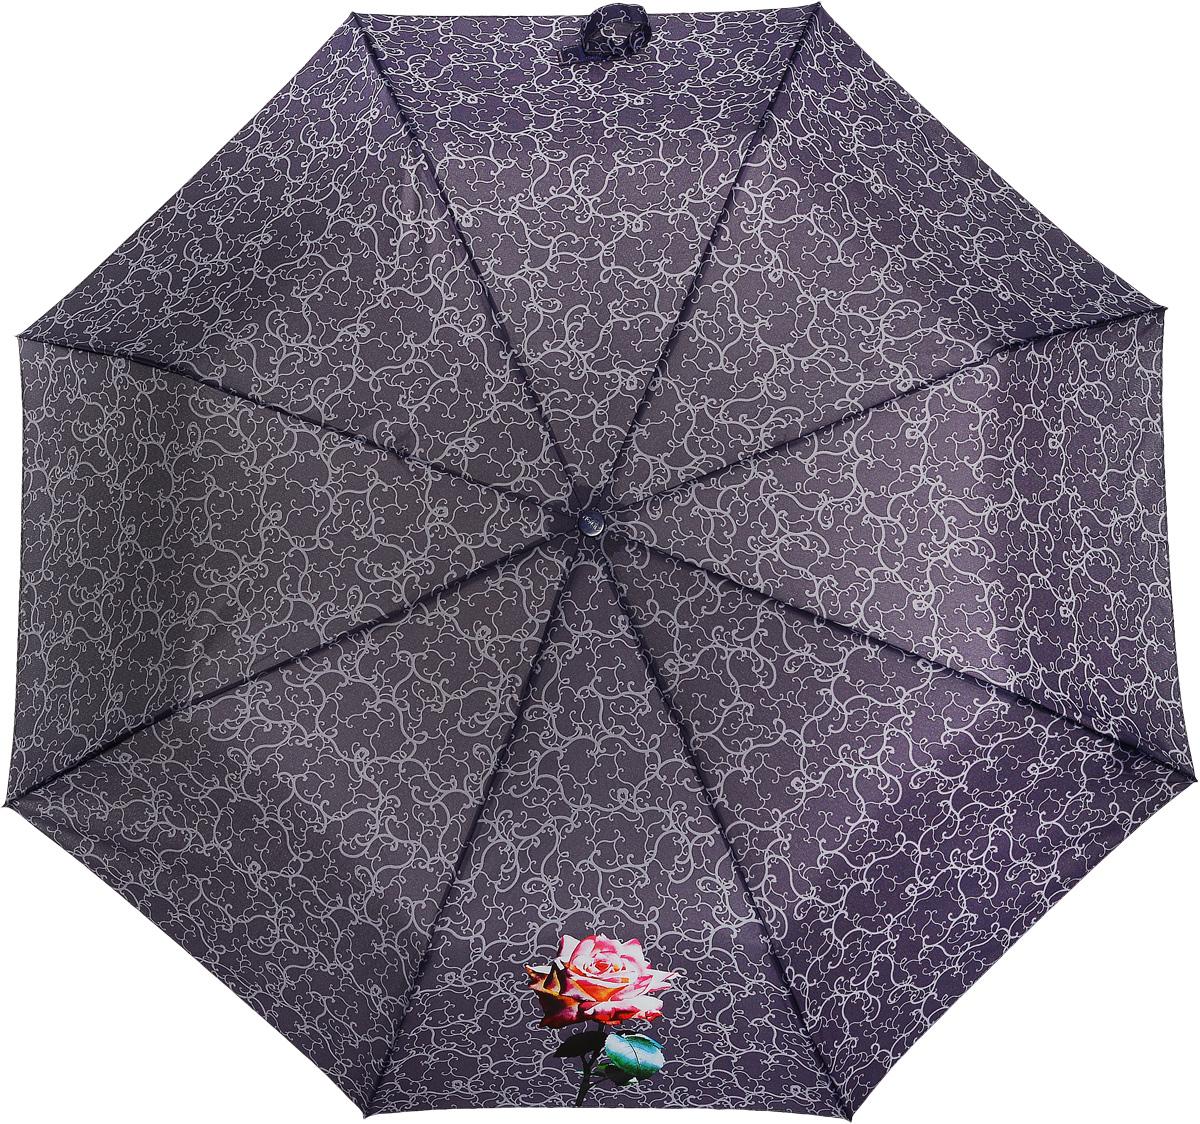 Зонт женский Airton, механический, 3 сложения, цвет: красно-коричневый, оранжевый. 3511-2003511-200Оригинальный однотонный женский зонт в 3 сложения с миниатюрным цветочным принтом. Данная модель оснащена механической системой открытия и закрытия. Удобная ручка выполнена из пластика в тон основному цвету купола зонта. Модель зонта выполнена в стандартном размере, оснащена системой Антиветер. Этот стильный аксессуар поместится практически в любую женскую сумочку благодаря своим небольшим размерам.